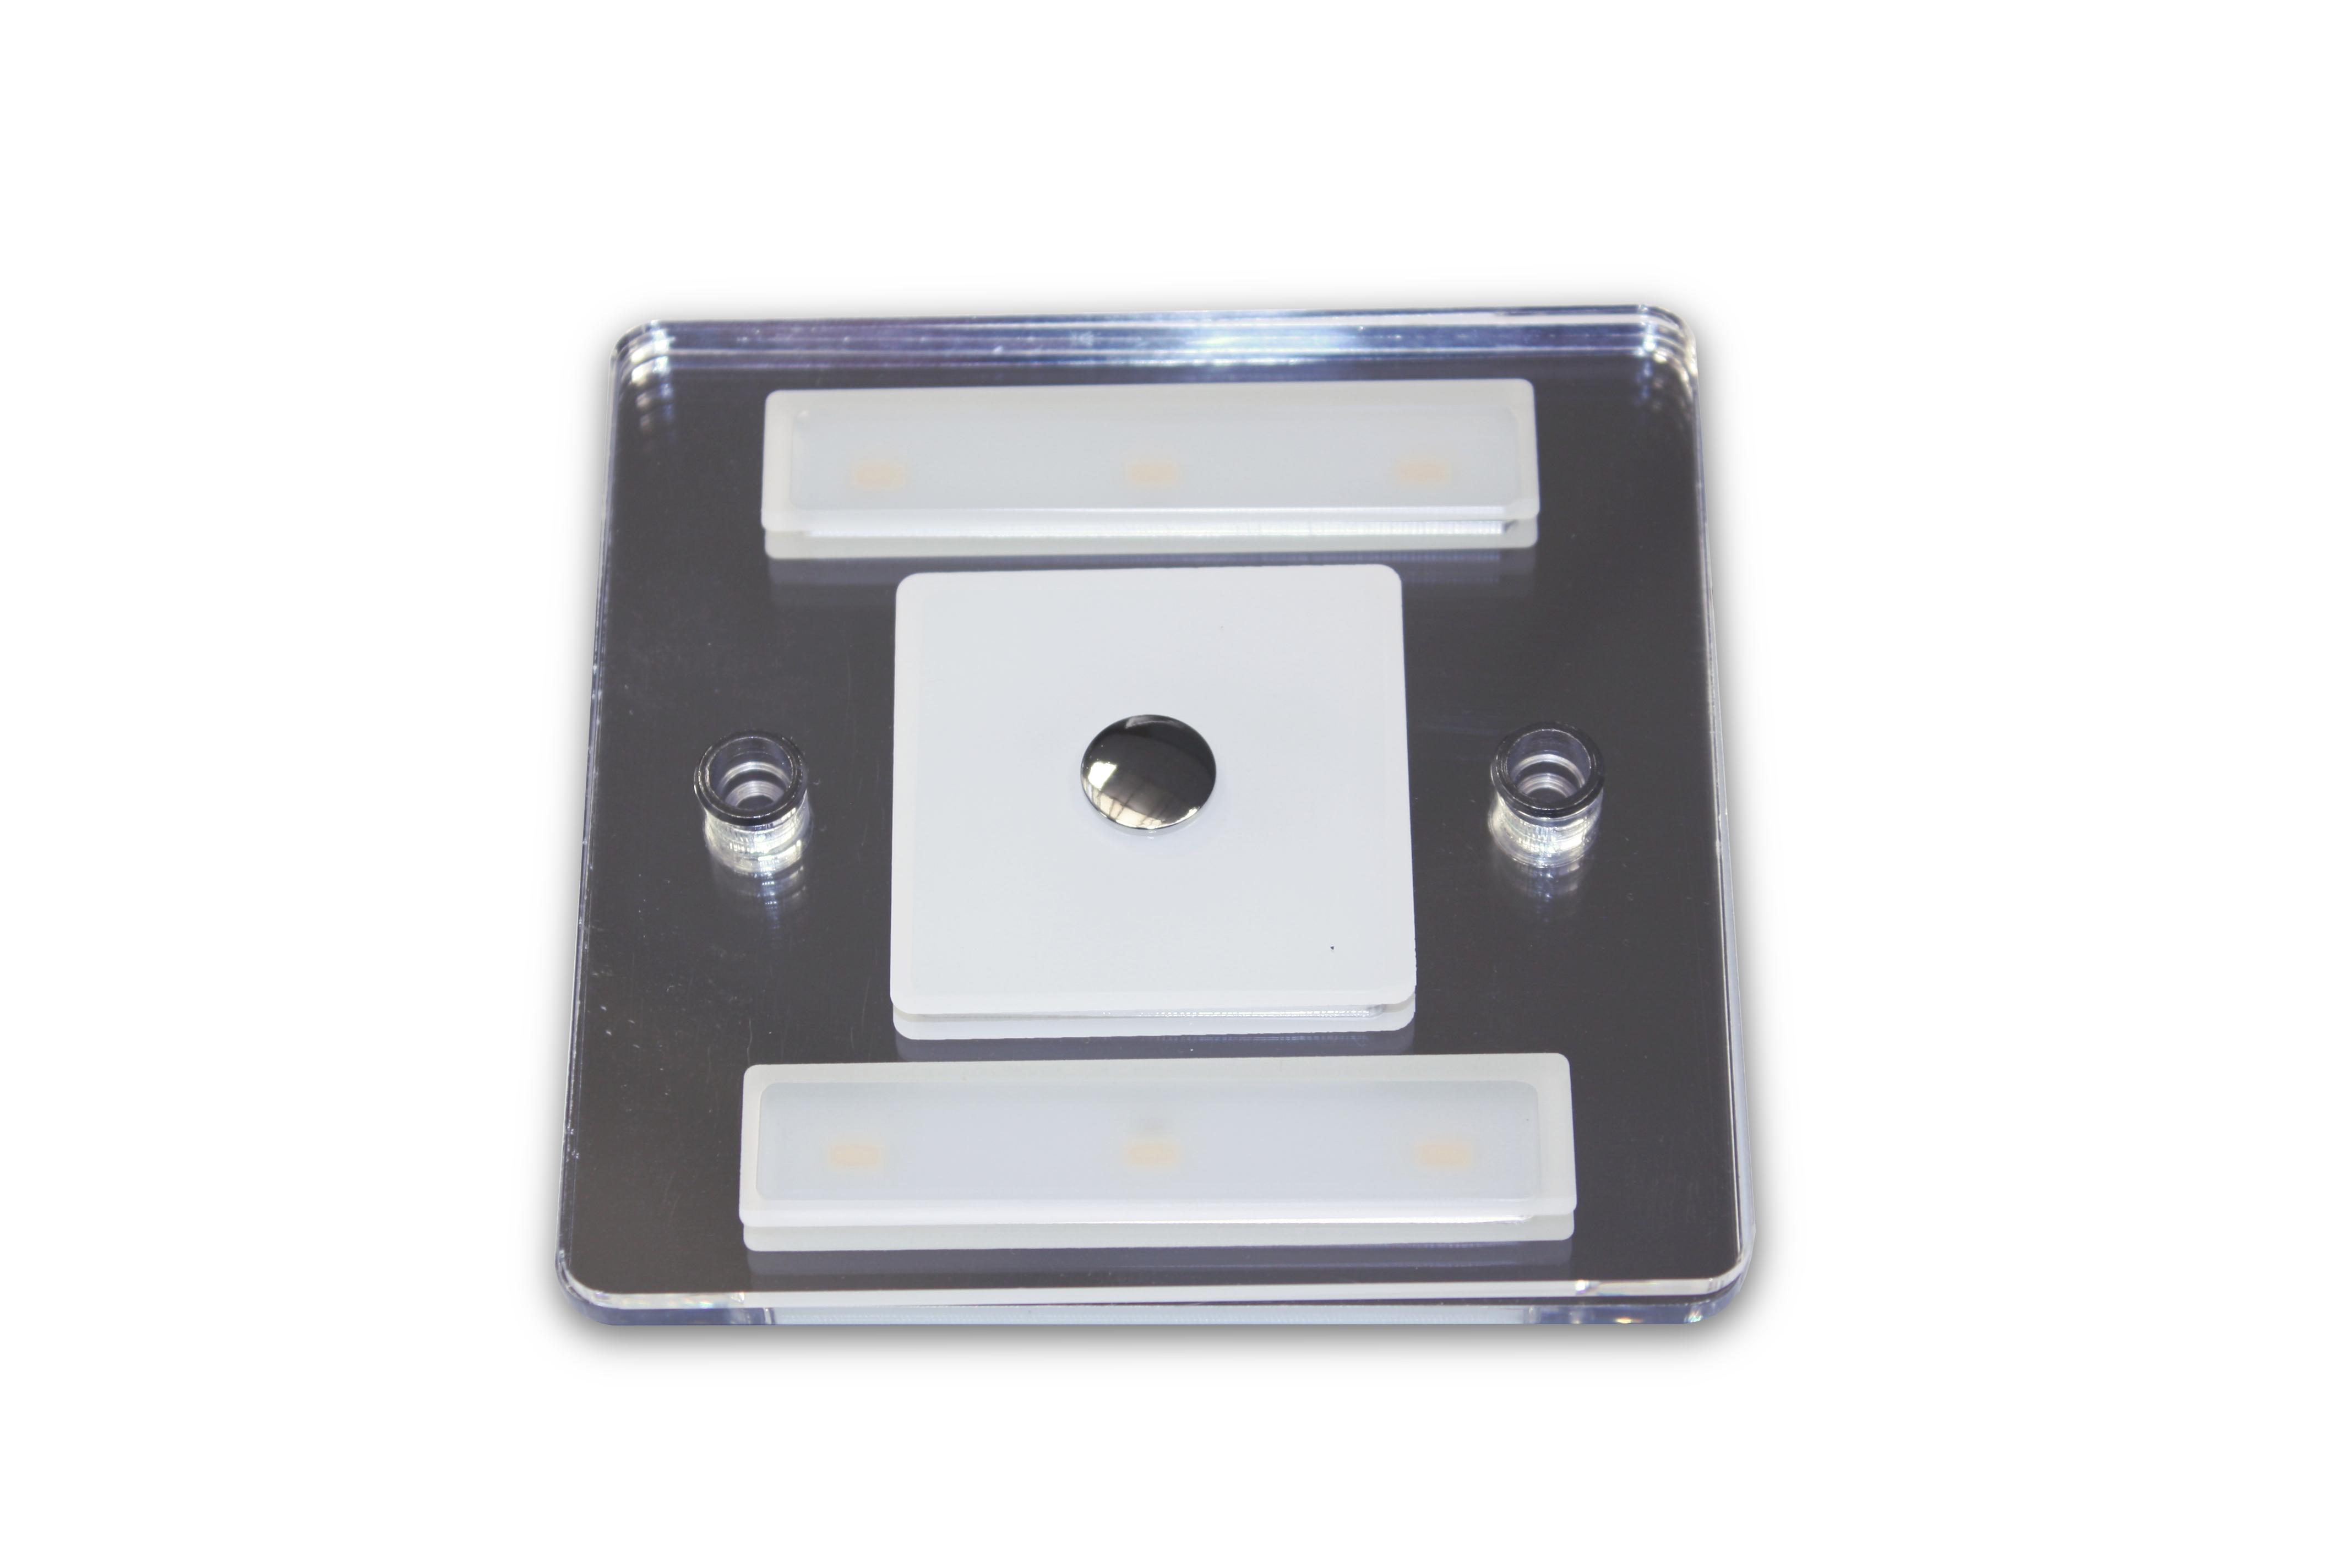 Plafoniera Quadrata Led : Plafoniera quadrata led k w con interruttore touch dimmer